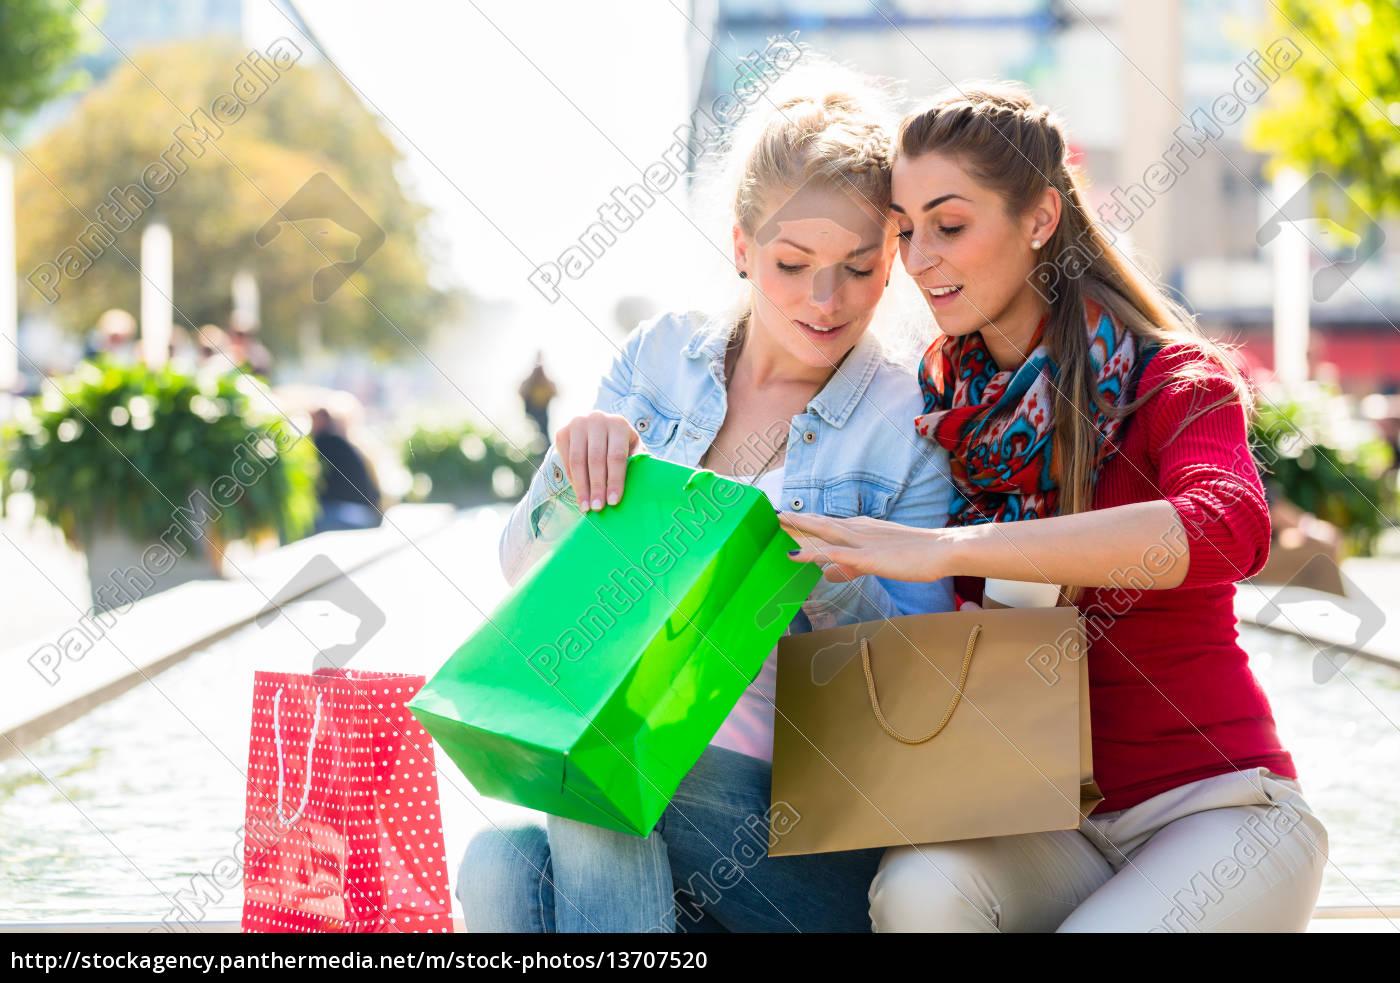 frauen, beim, einkaufen, mit, einkaufstüten, in - 13707520